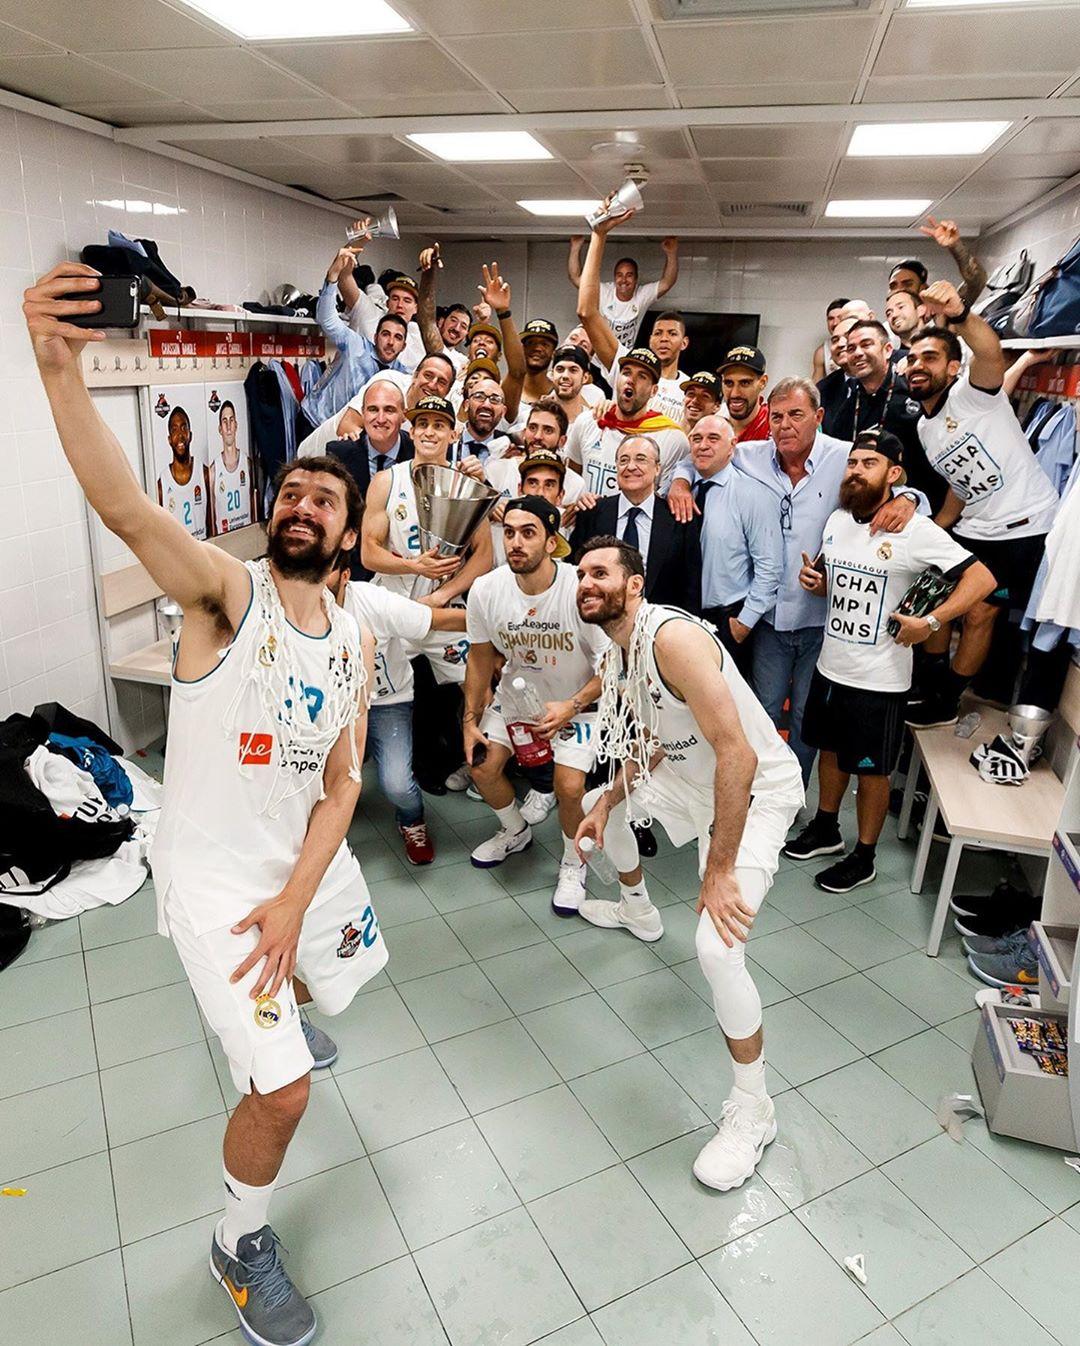 皇马篮球俱笑部晒照祝贺欧锦赛第十冠两周年,东契奇转发